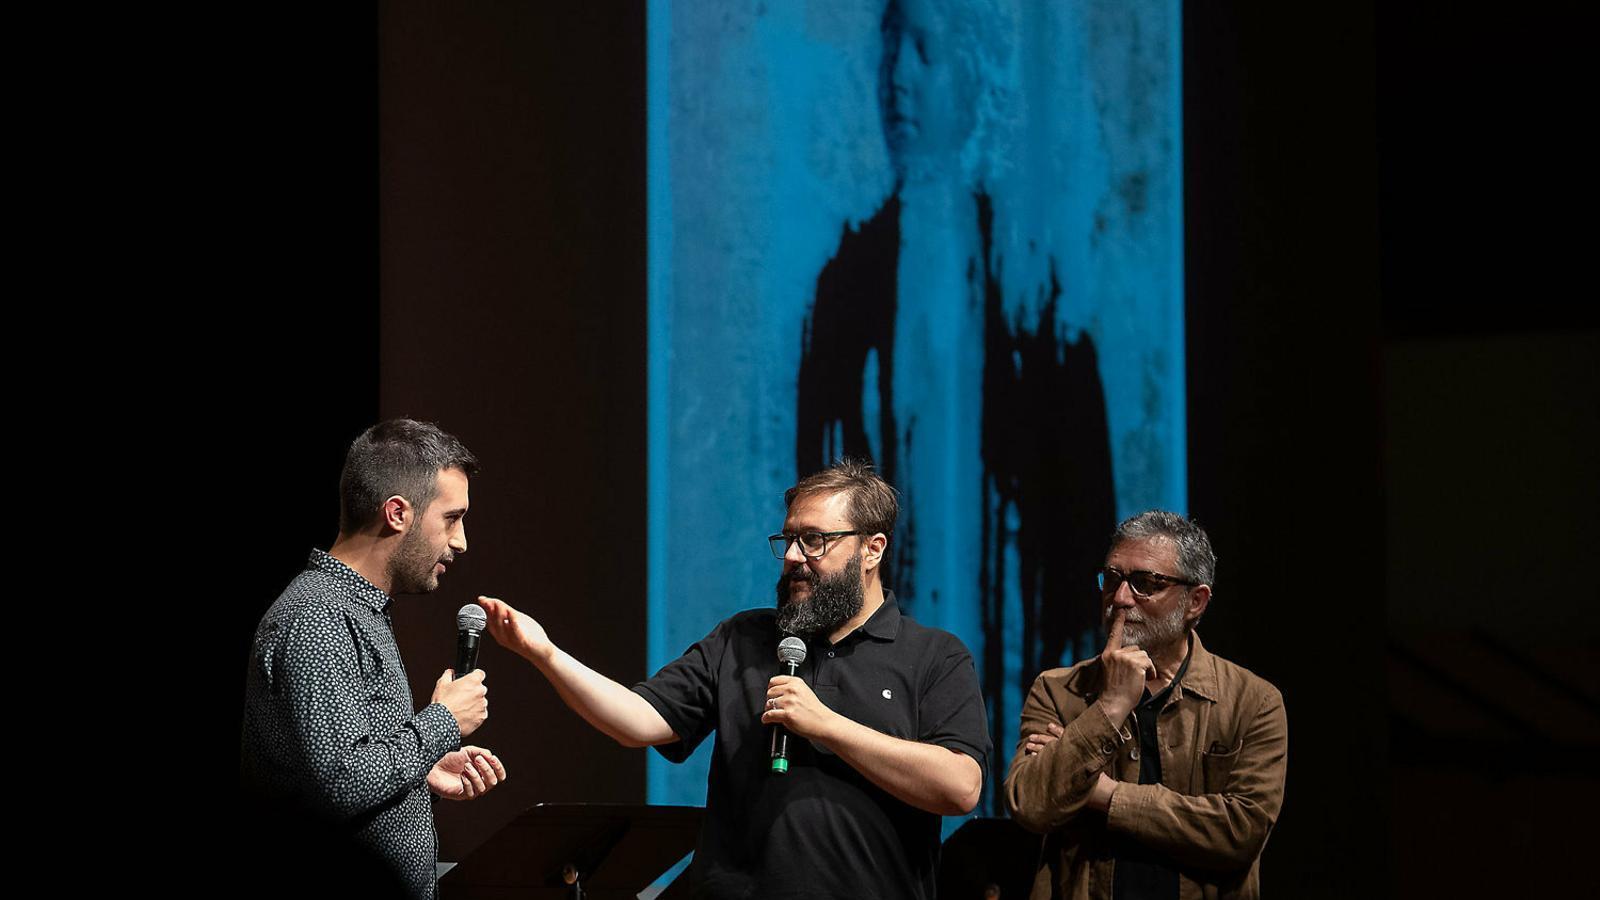 Joan Magrané, Marc Rosich i Jaume Plensa durant la presentació al Liceu el 2 de juliol.